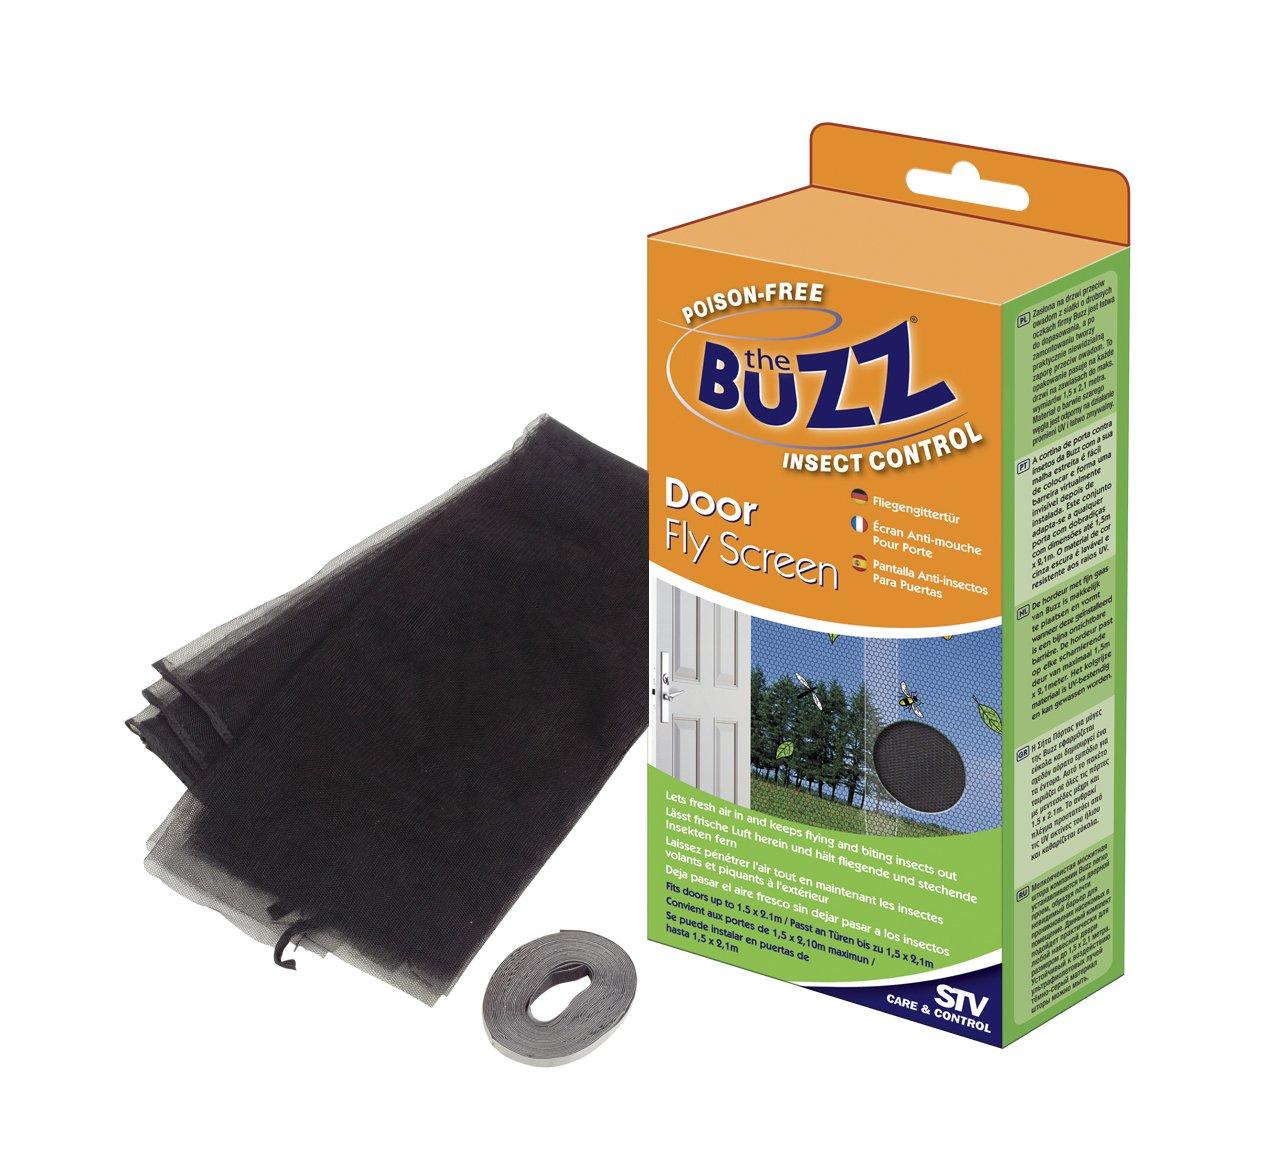 The buzz door fly screen amazon garden outdoors vtopaller Image collections